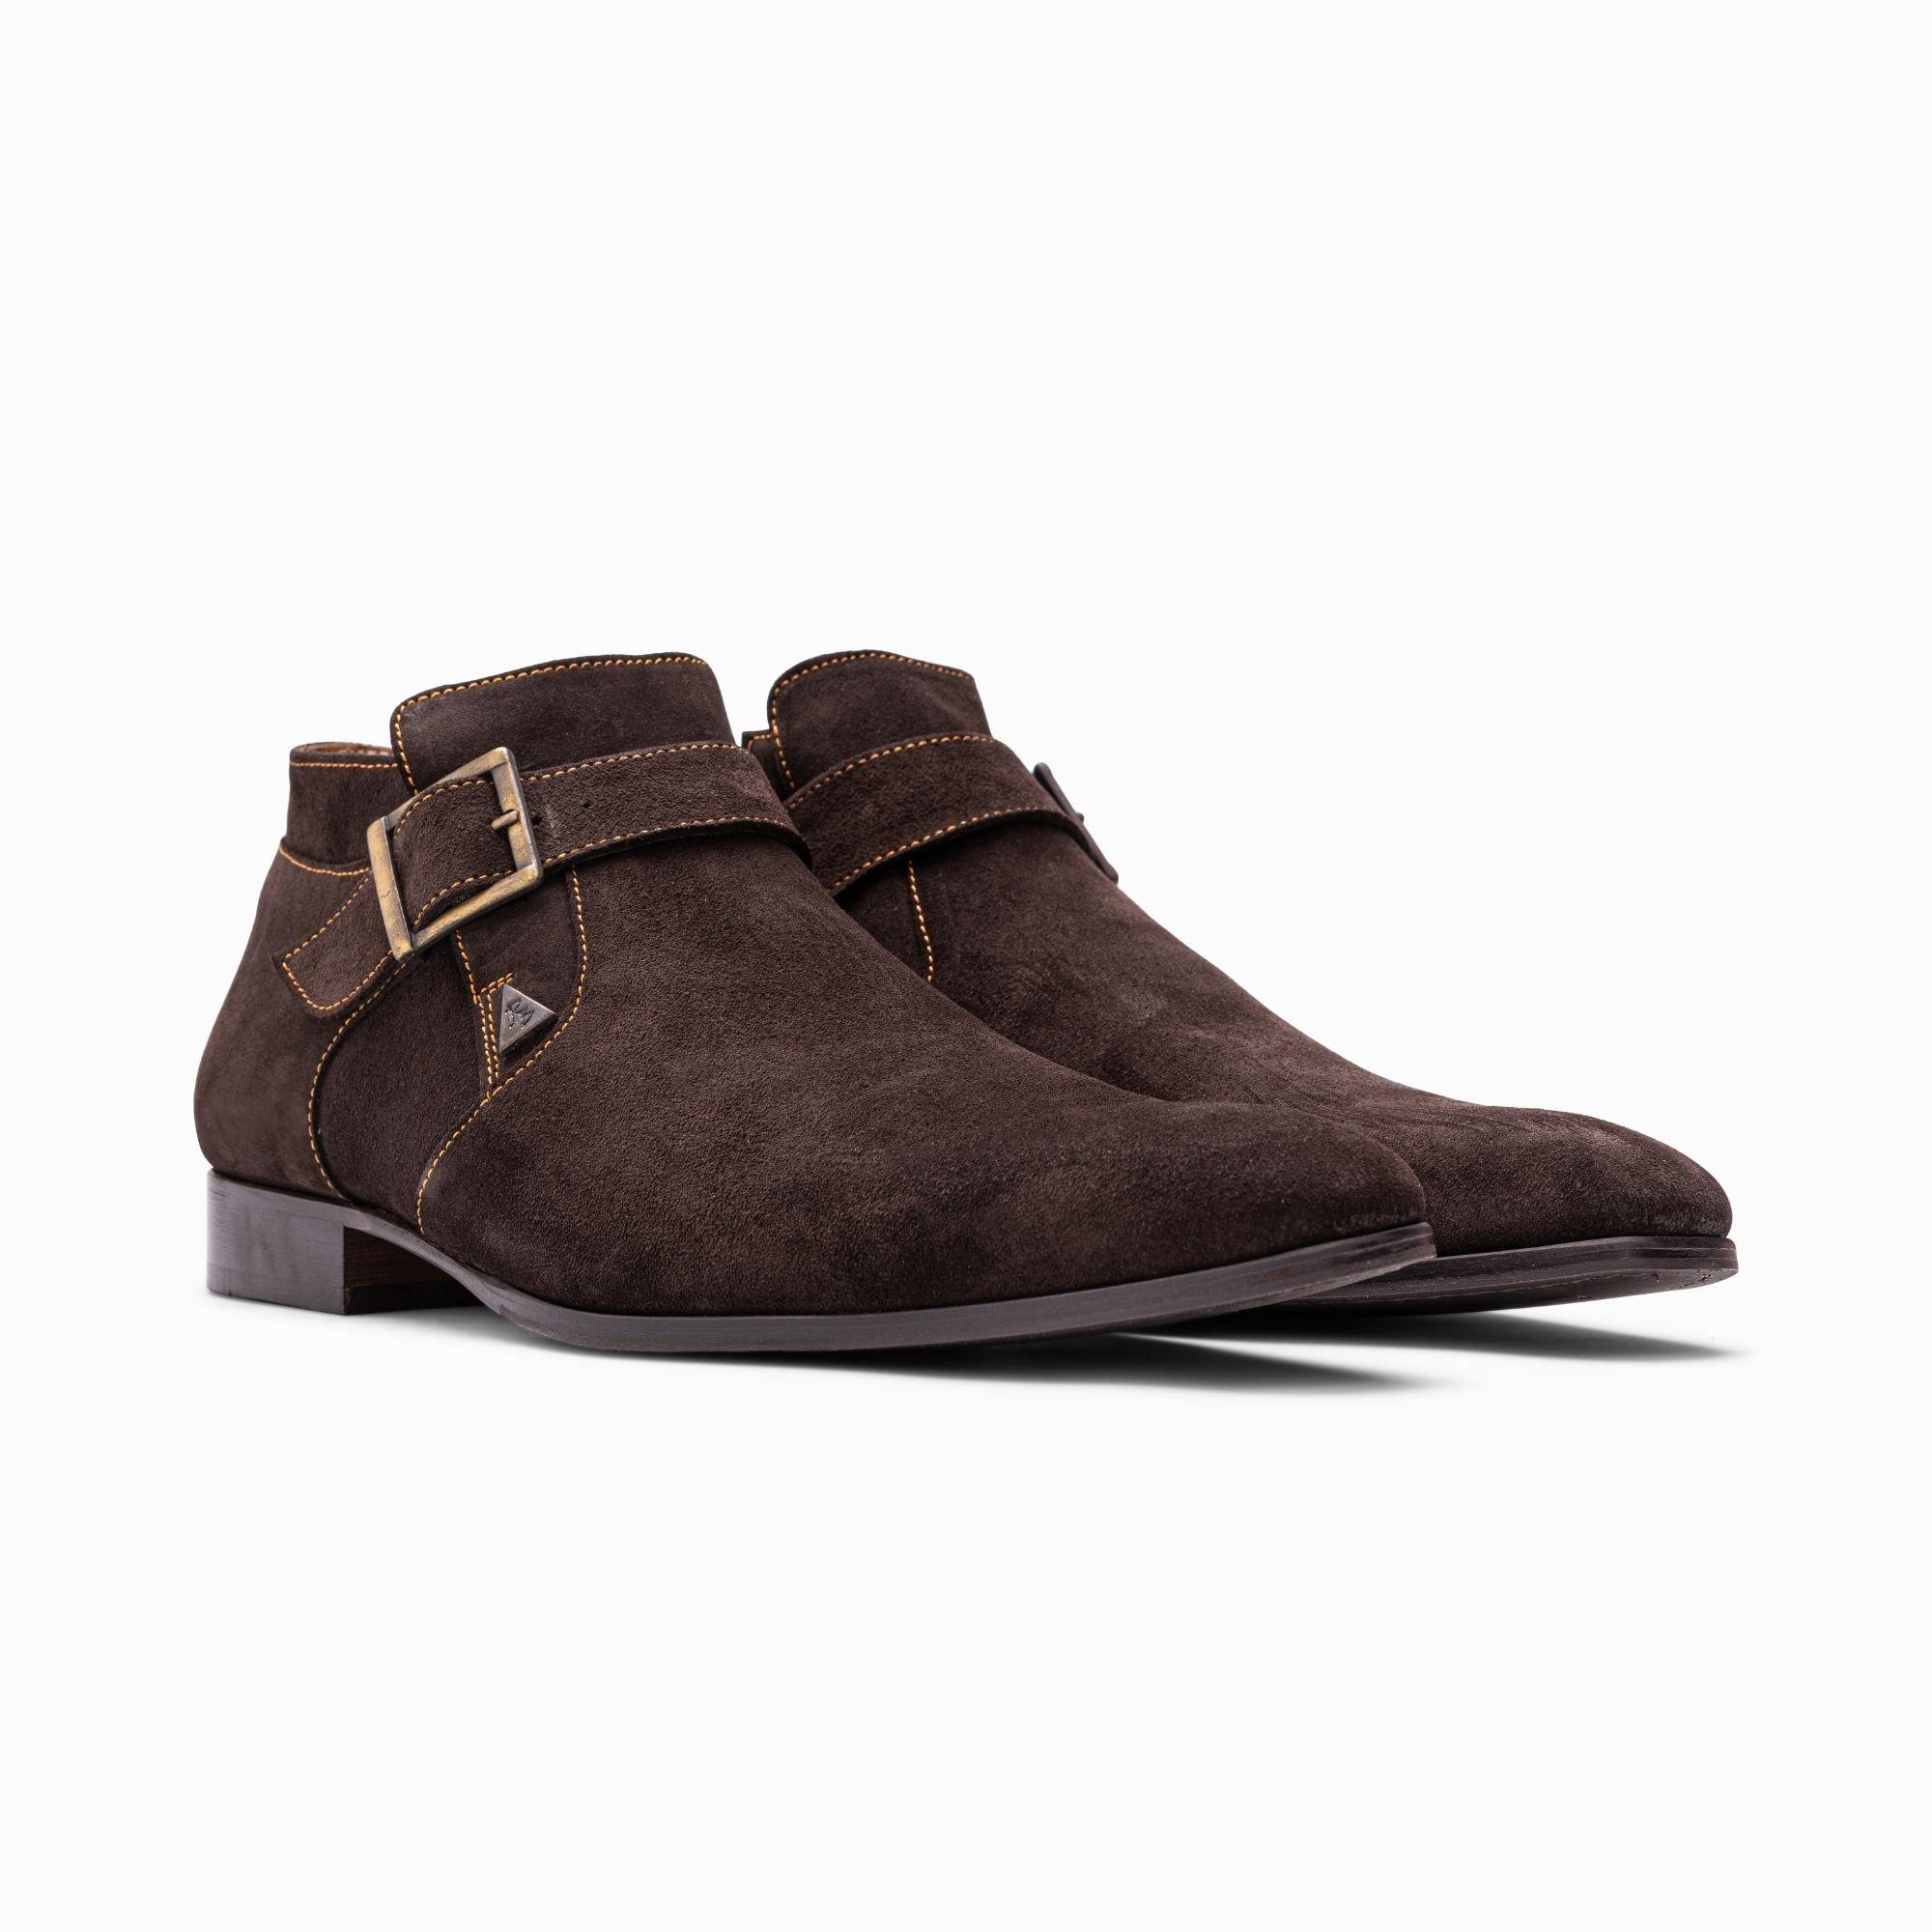 1829-brown-suede_01